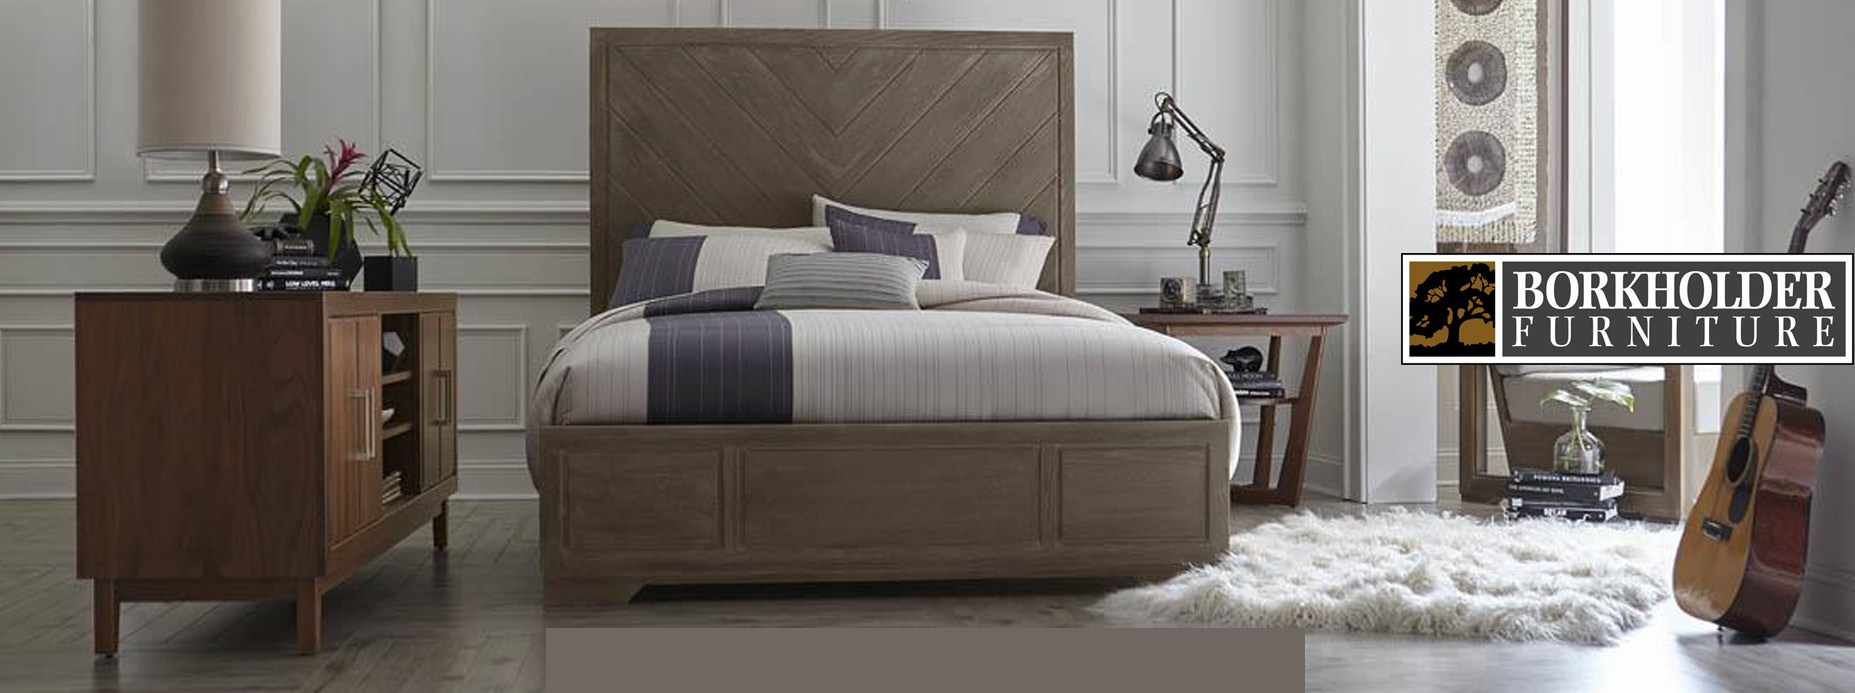 HOME / BRANDS / Borkholder Furniture